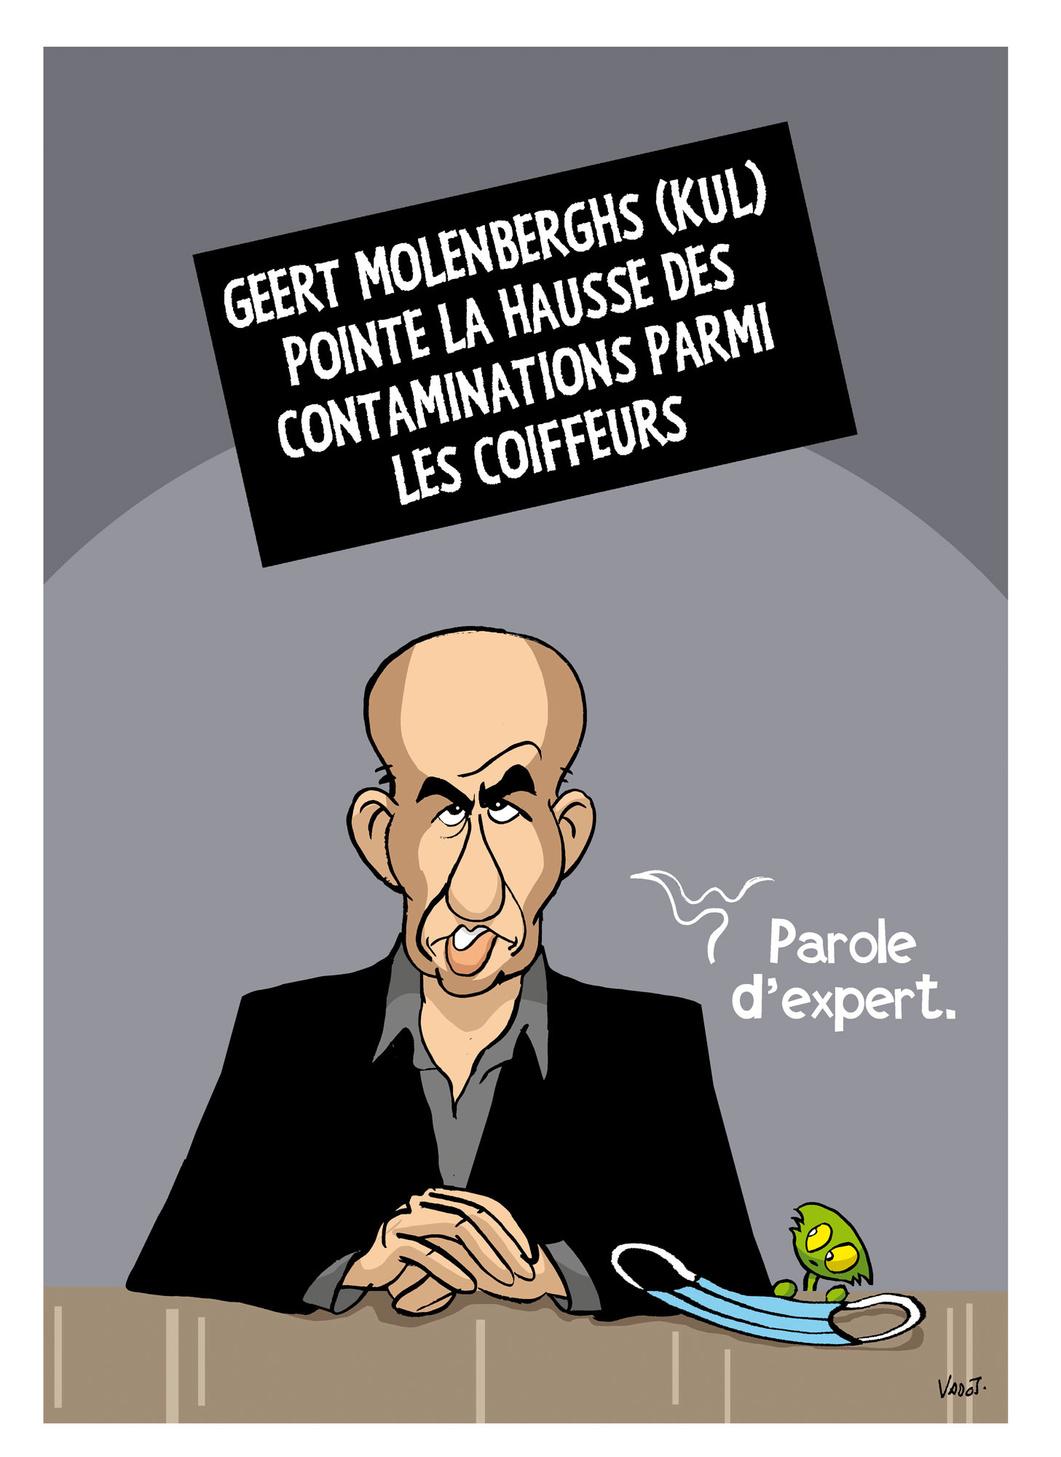 Les salons de coiffures s'indignent des propos du biostatisticien Geert Molenberghs, qui les pointait du doigt., Vadot